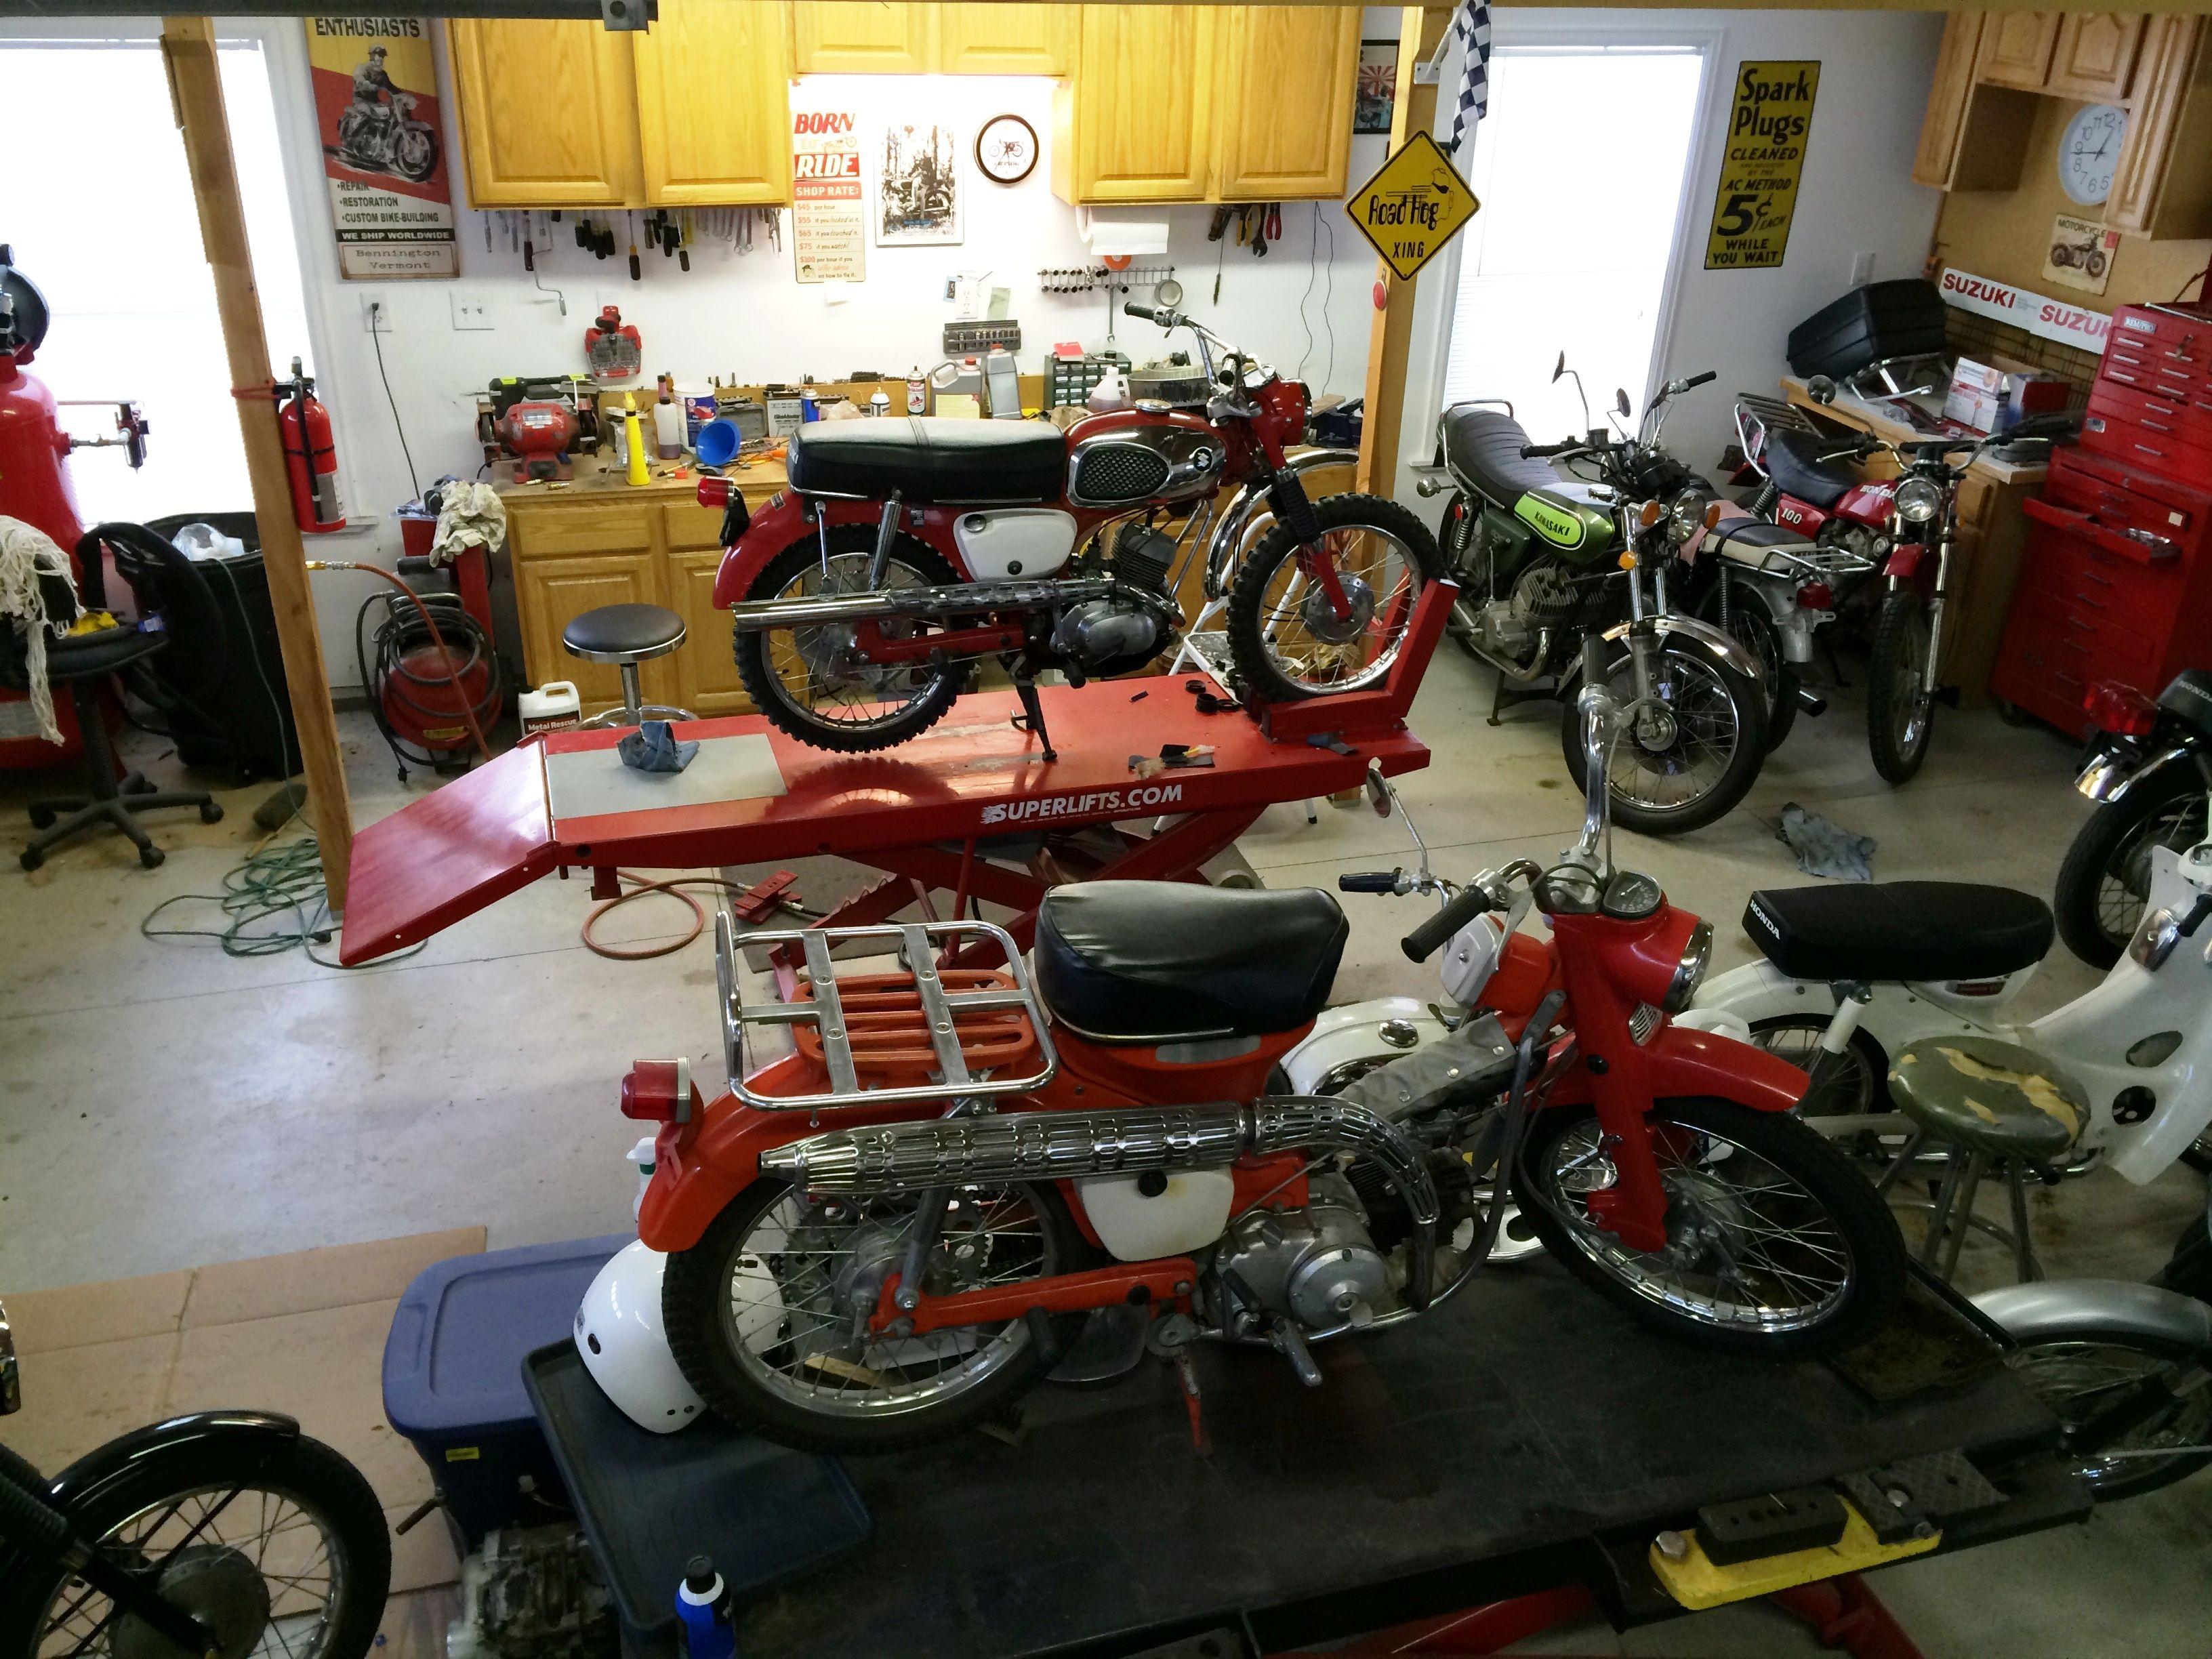 Motorcycle Dream Garage My Work Shop Area Featuring 2 Motorcycle Lifts Motorcycle Workshop Dream Garage Garages